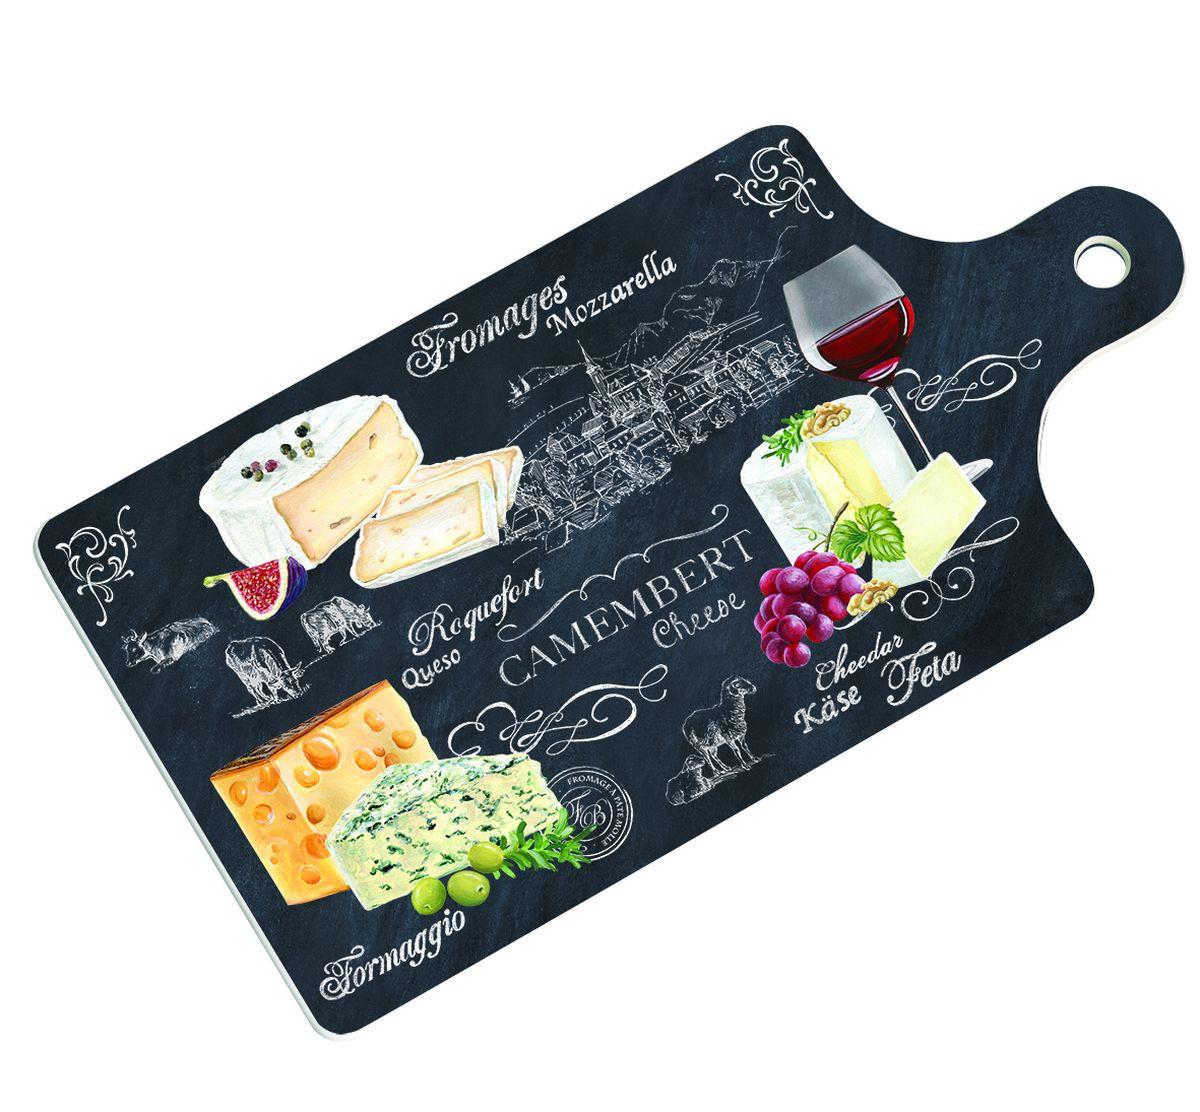 Доска для сервировки Nuova R2S Мир сыра, 34,5 х 18 см898WOCHДоска Nuova R2S Мир сыра выполнена из высококачественного фарфора. Изделие обеспечит удобство при нарезке продуктов, а также красиво оформит подачу блюд. Доска оснащена специальным отверстием для подвешивания. Доска для сервировки Nuova R2S Мир сыра станет незаменимым аксессуаром на любой кухне. Размер доски: 34,5 х 18 см.